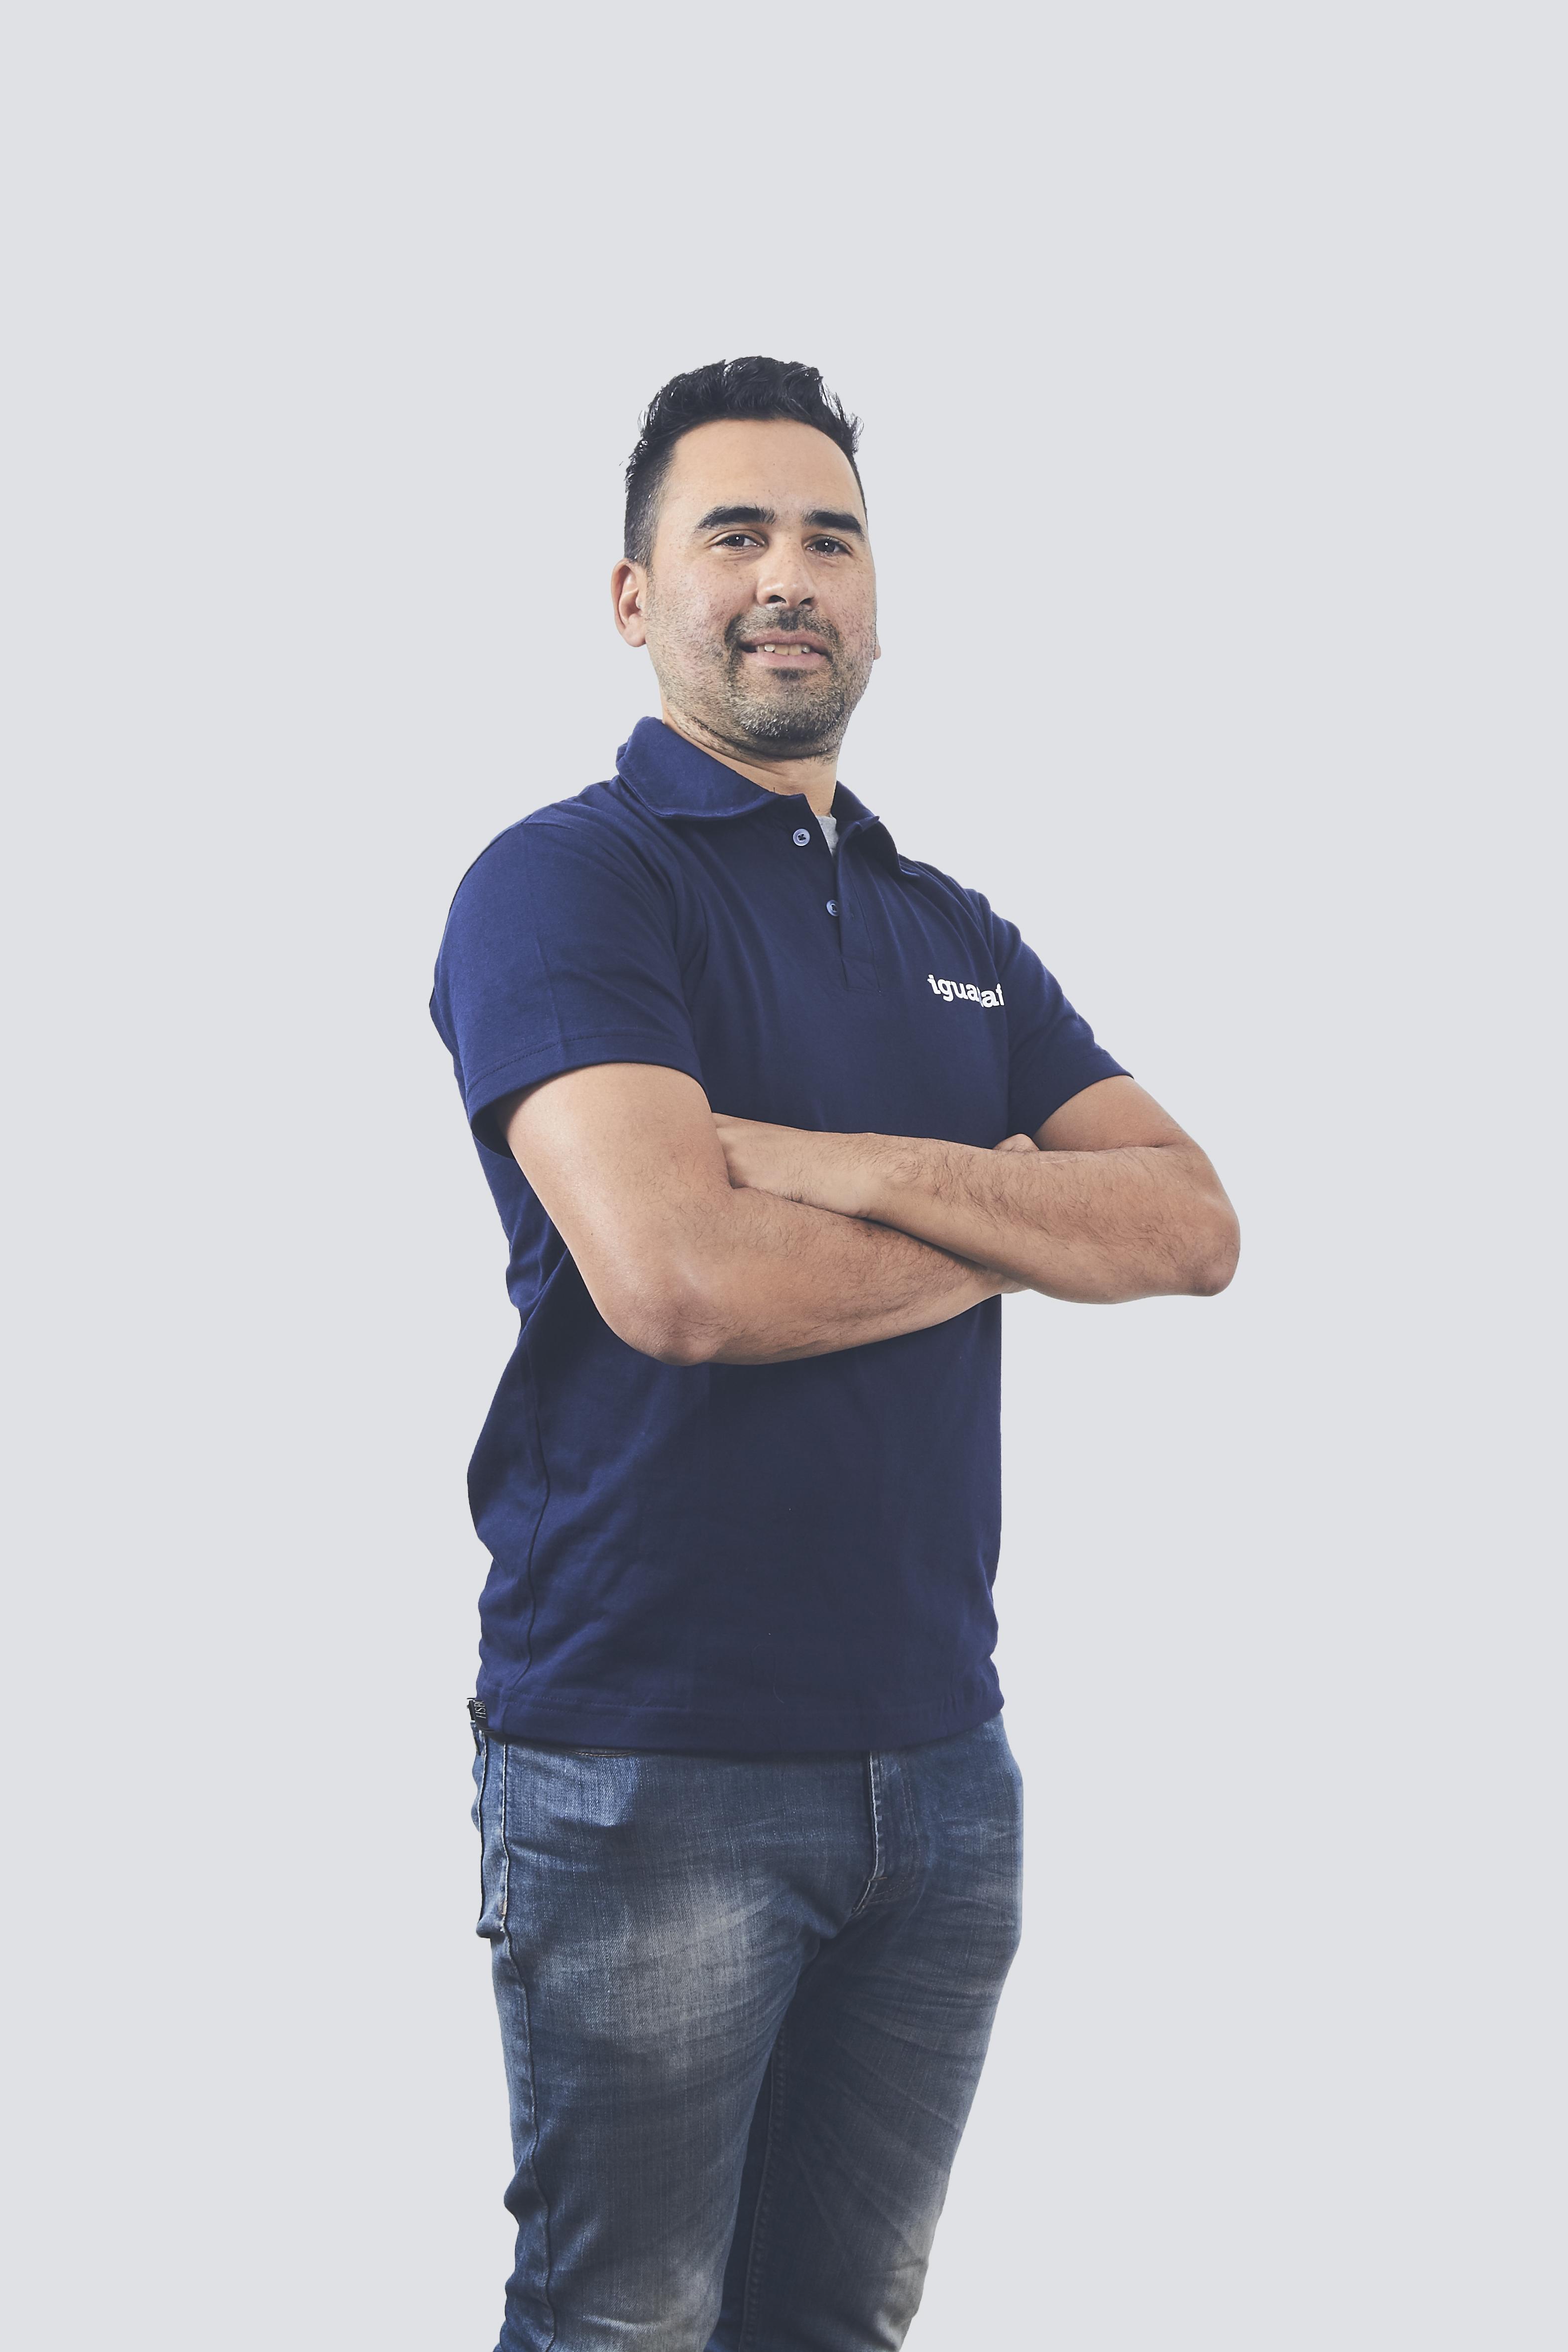 Augusto velazco decorador peque as soluciones durlock for Trabajo decorador valencia